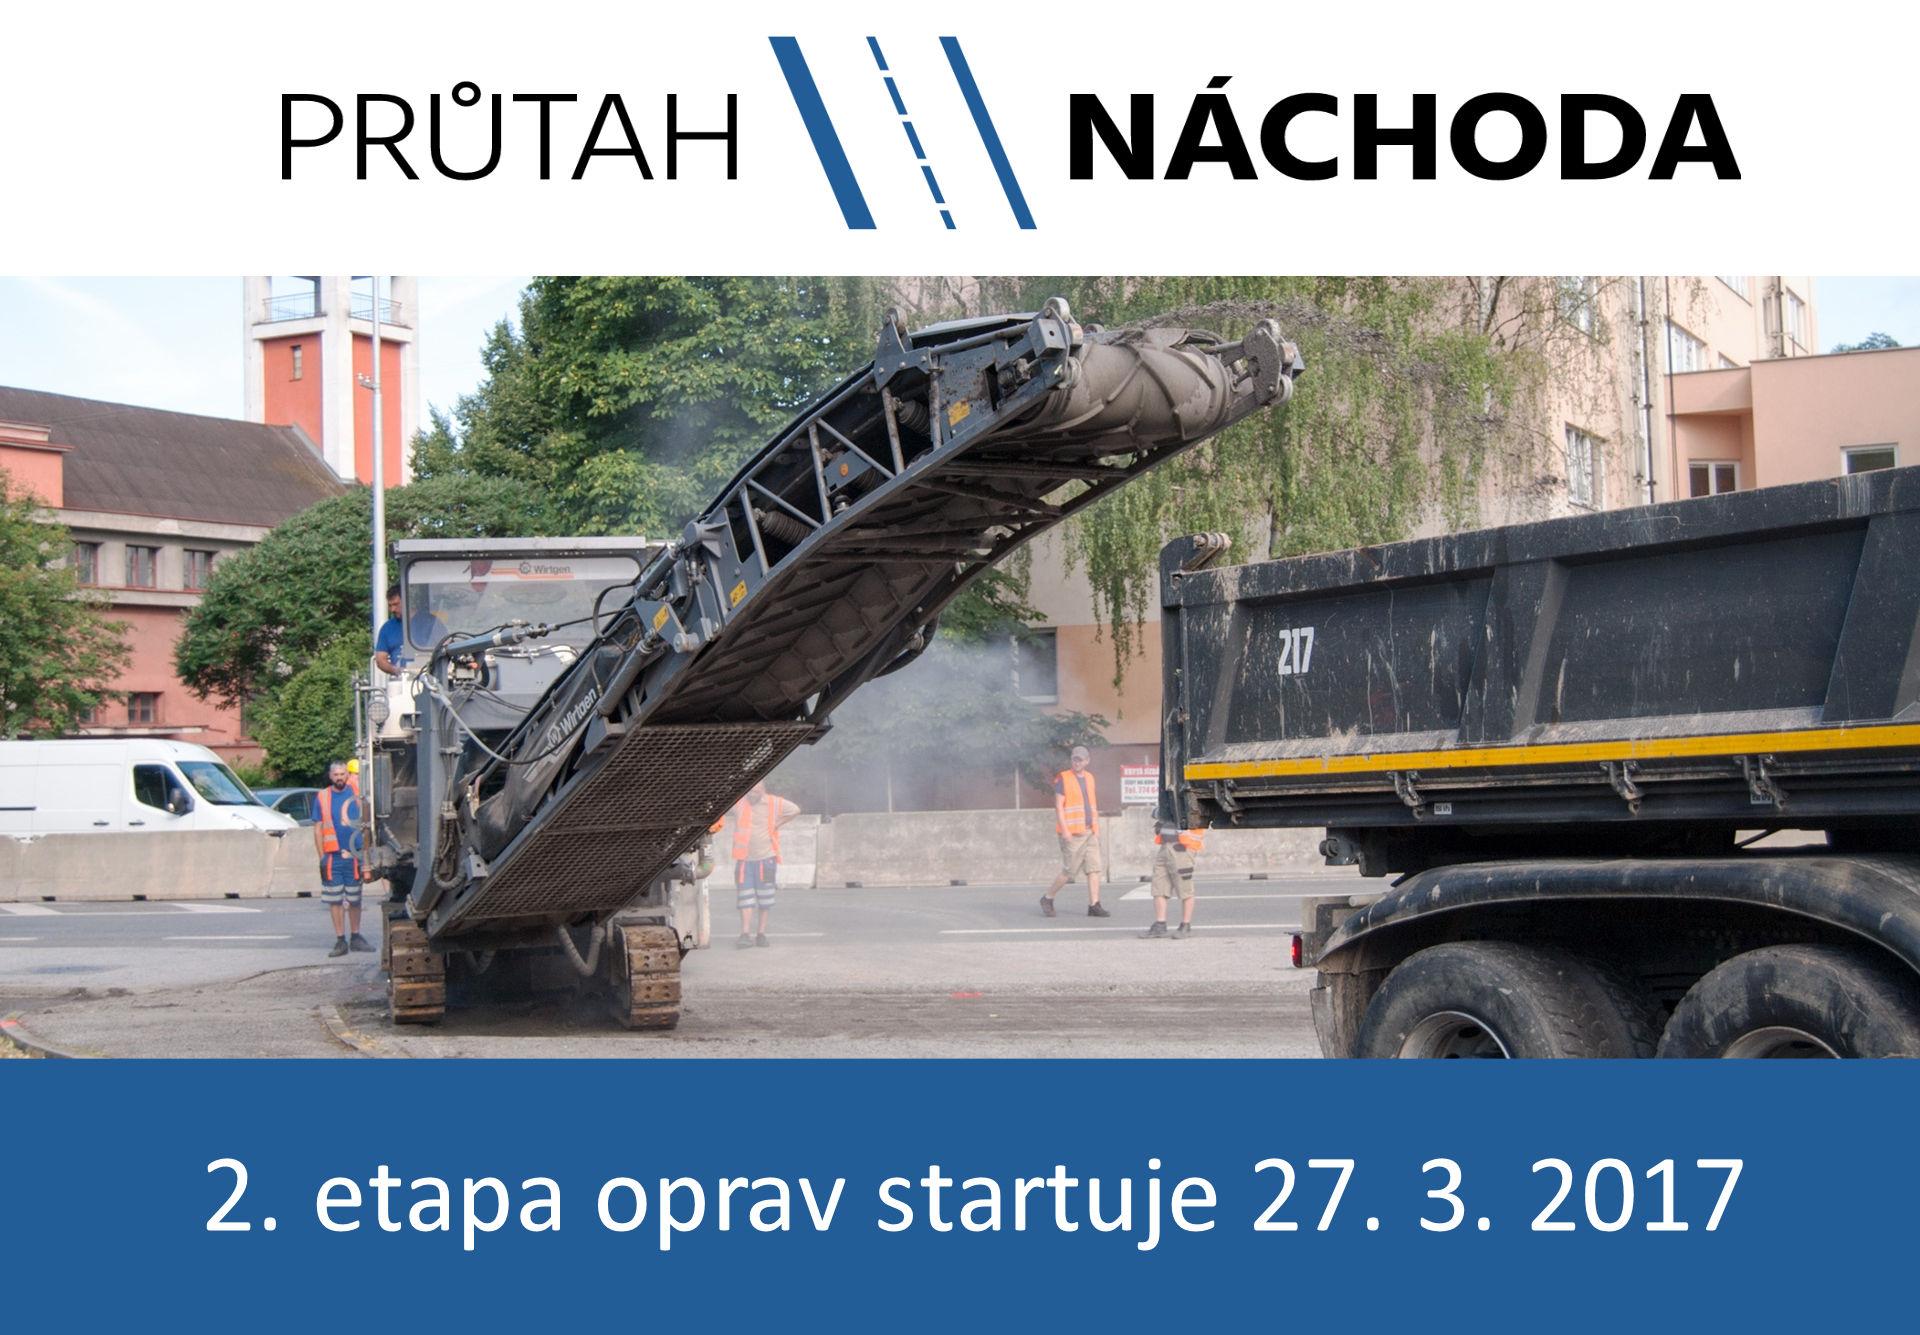 Náchodsko - Dopravní situace bude znovu složitá